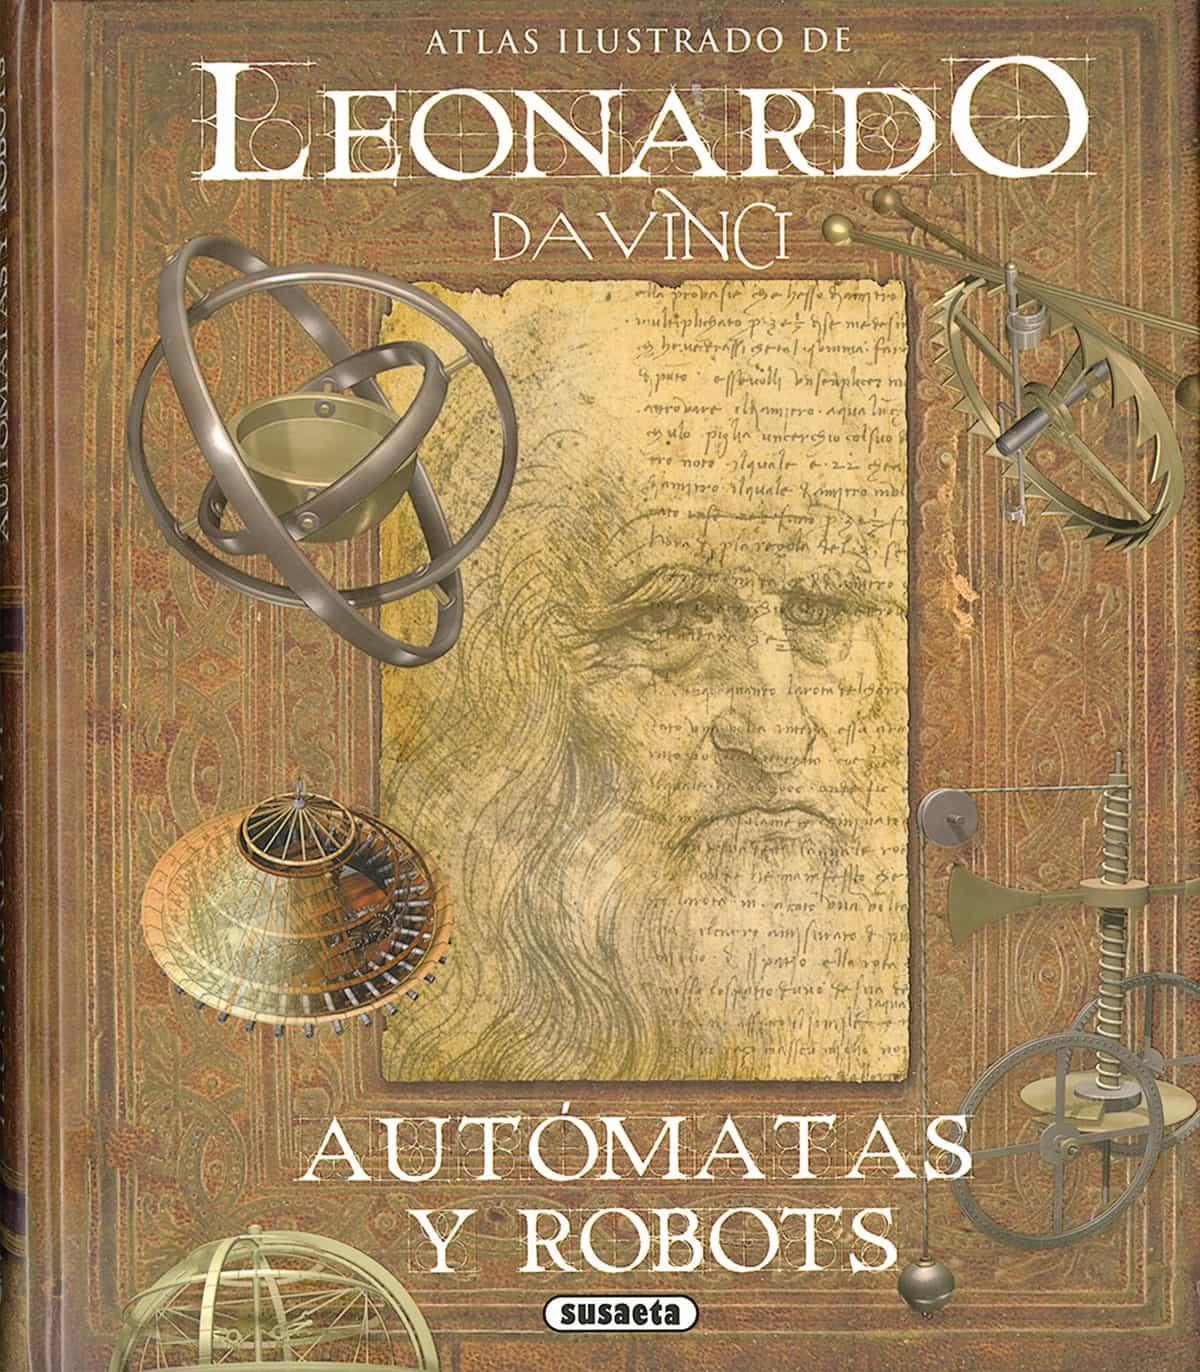 leonardo da vinci, automatas y robots-mario taddei-massimiliano lisa-9788467763614